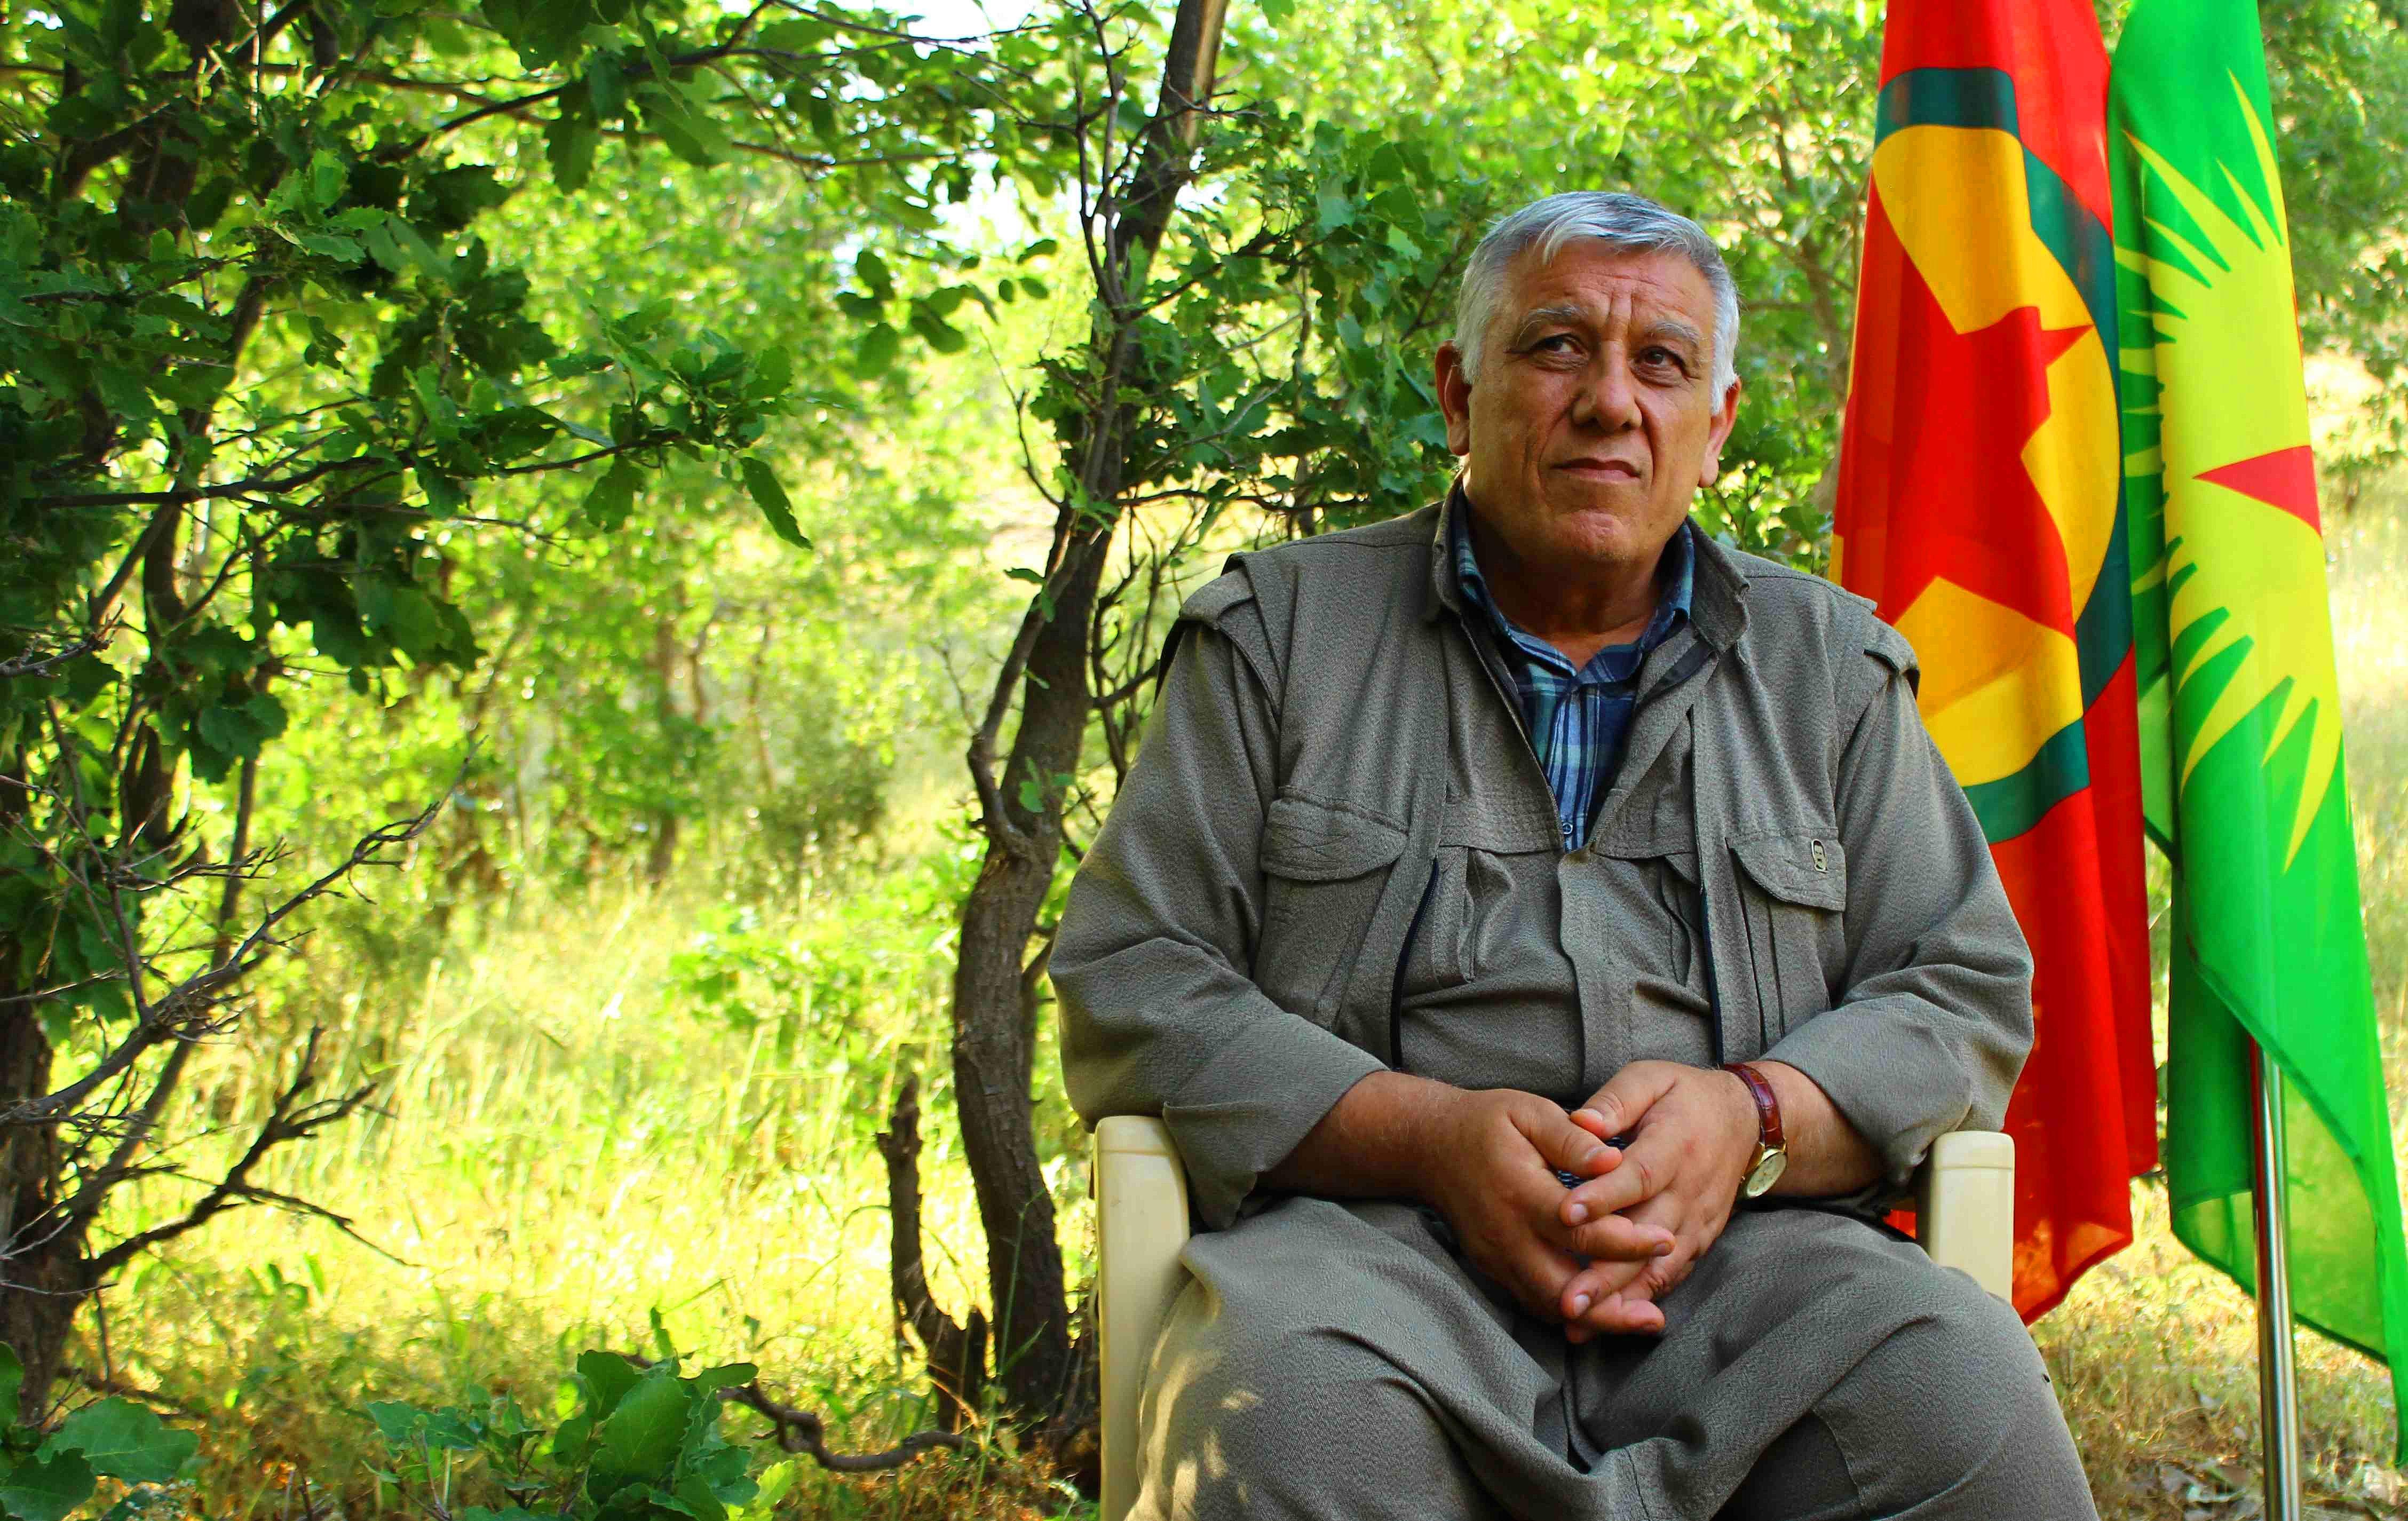 Bayik: Tyrkerne plyndrer, dræber og brænder